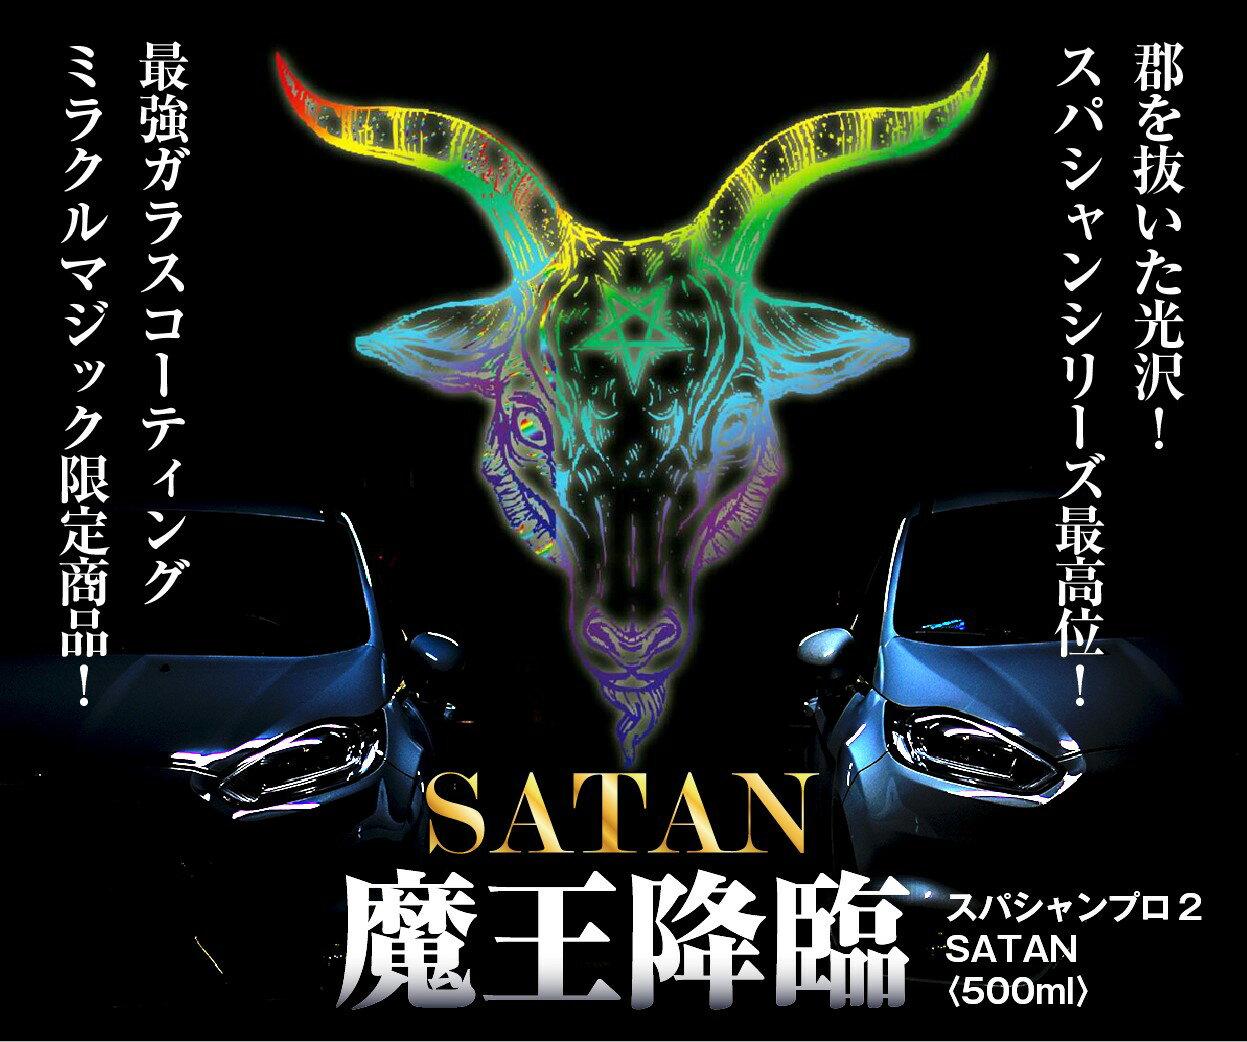 SPASHAN スパシャンプロ2 スパシャンシリーズ最高位【SATAN】ミラクルマジック限定商品